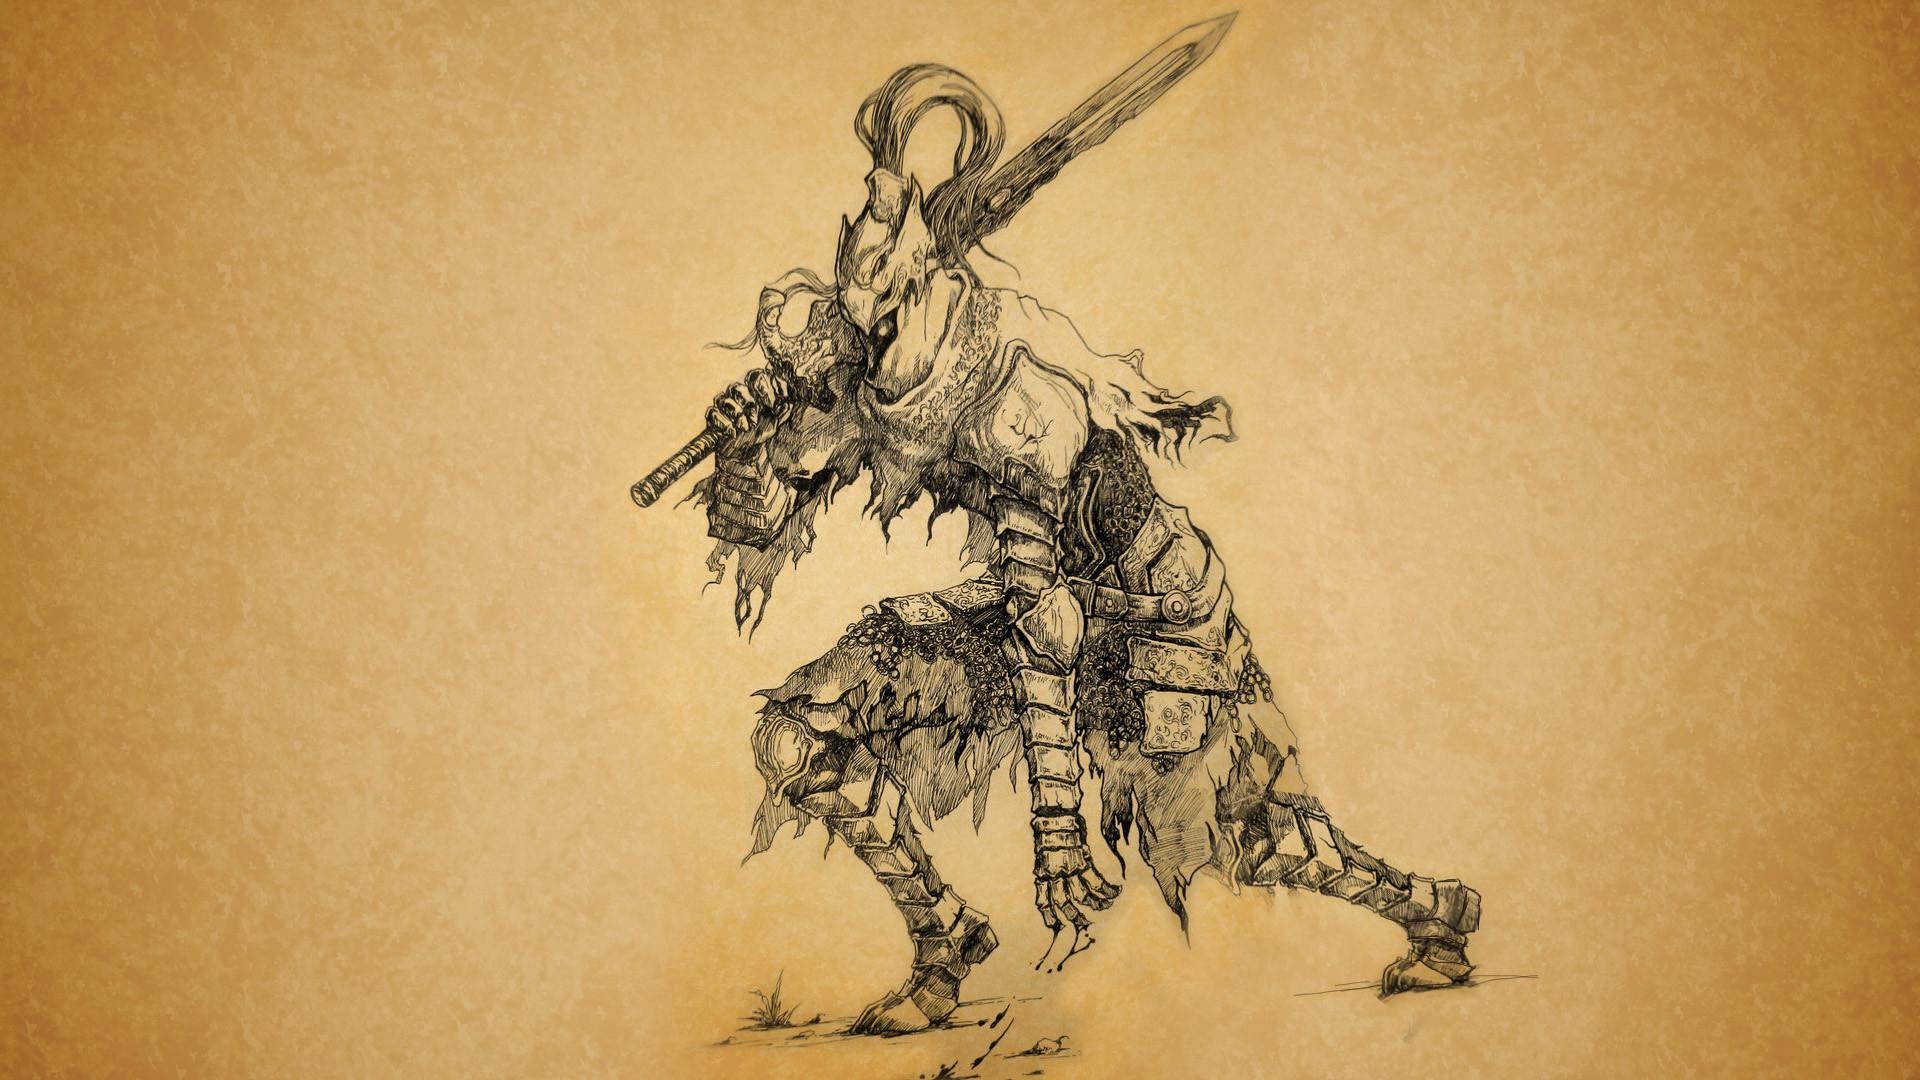 Dark Souls 2 Iphone Wallpaper Video game – dark souls